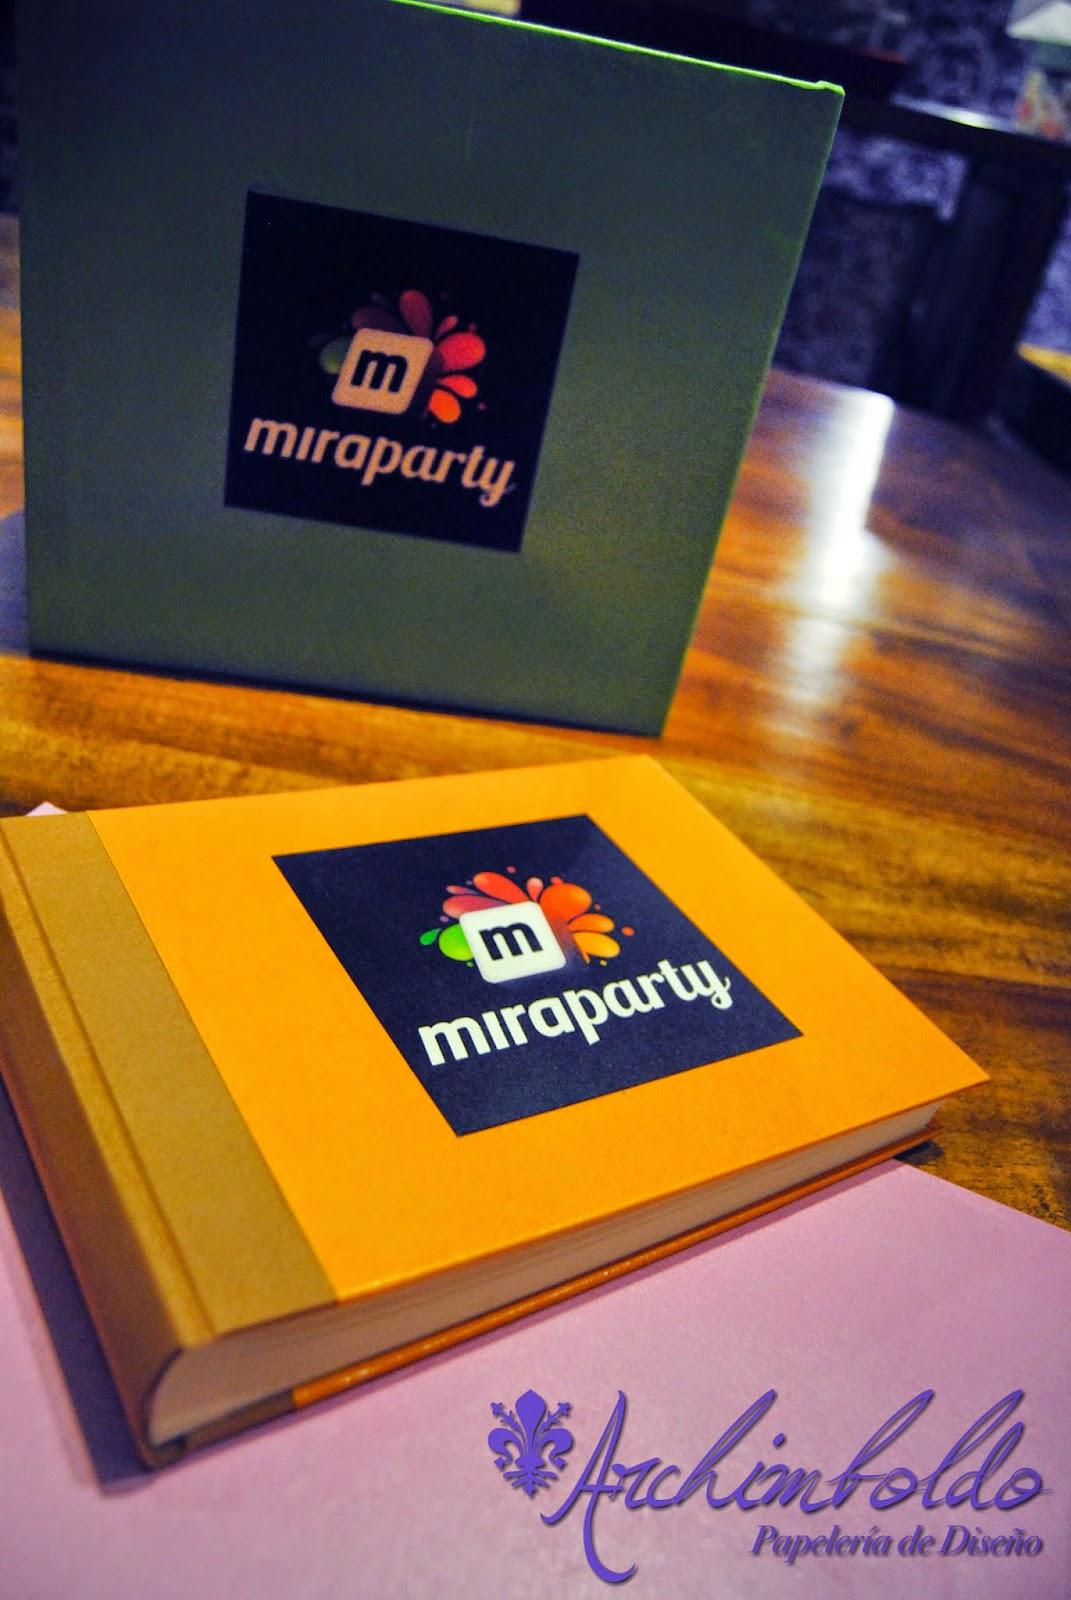 miraparty